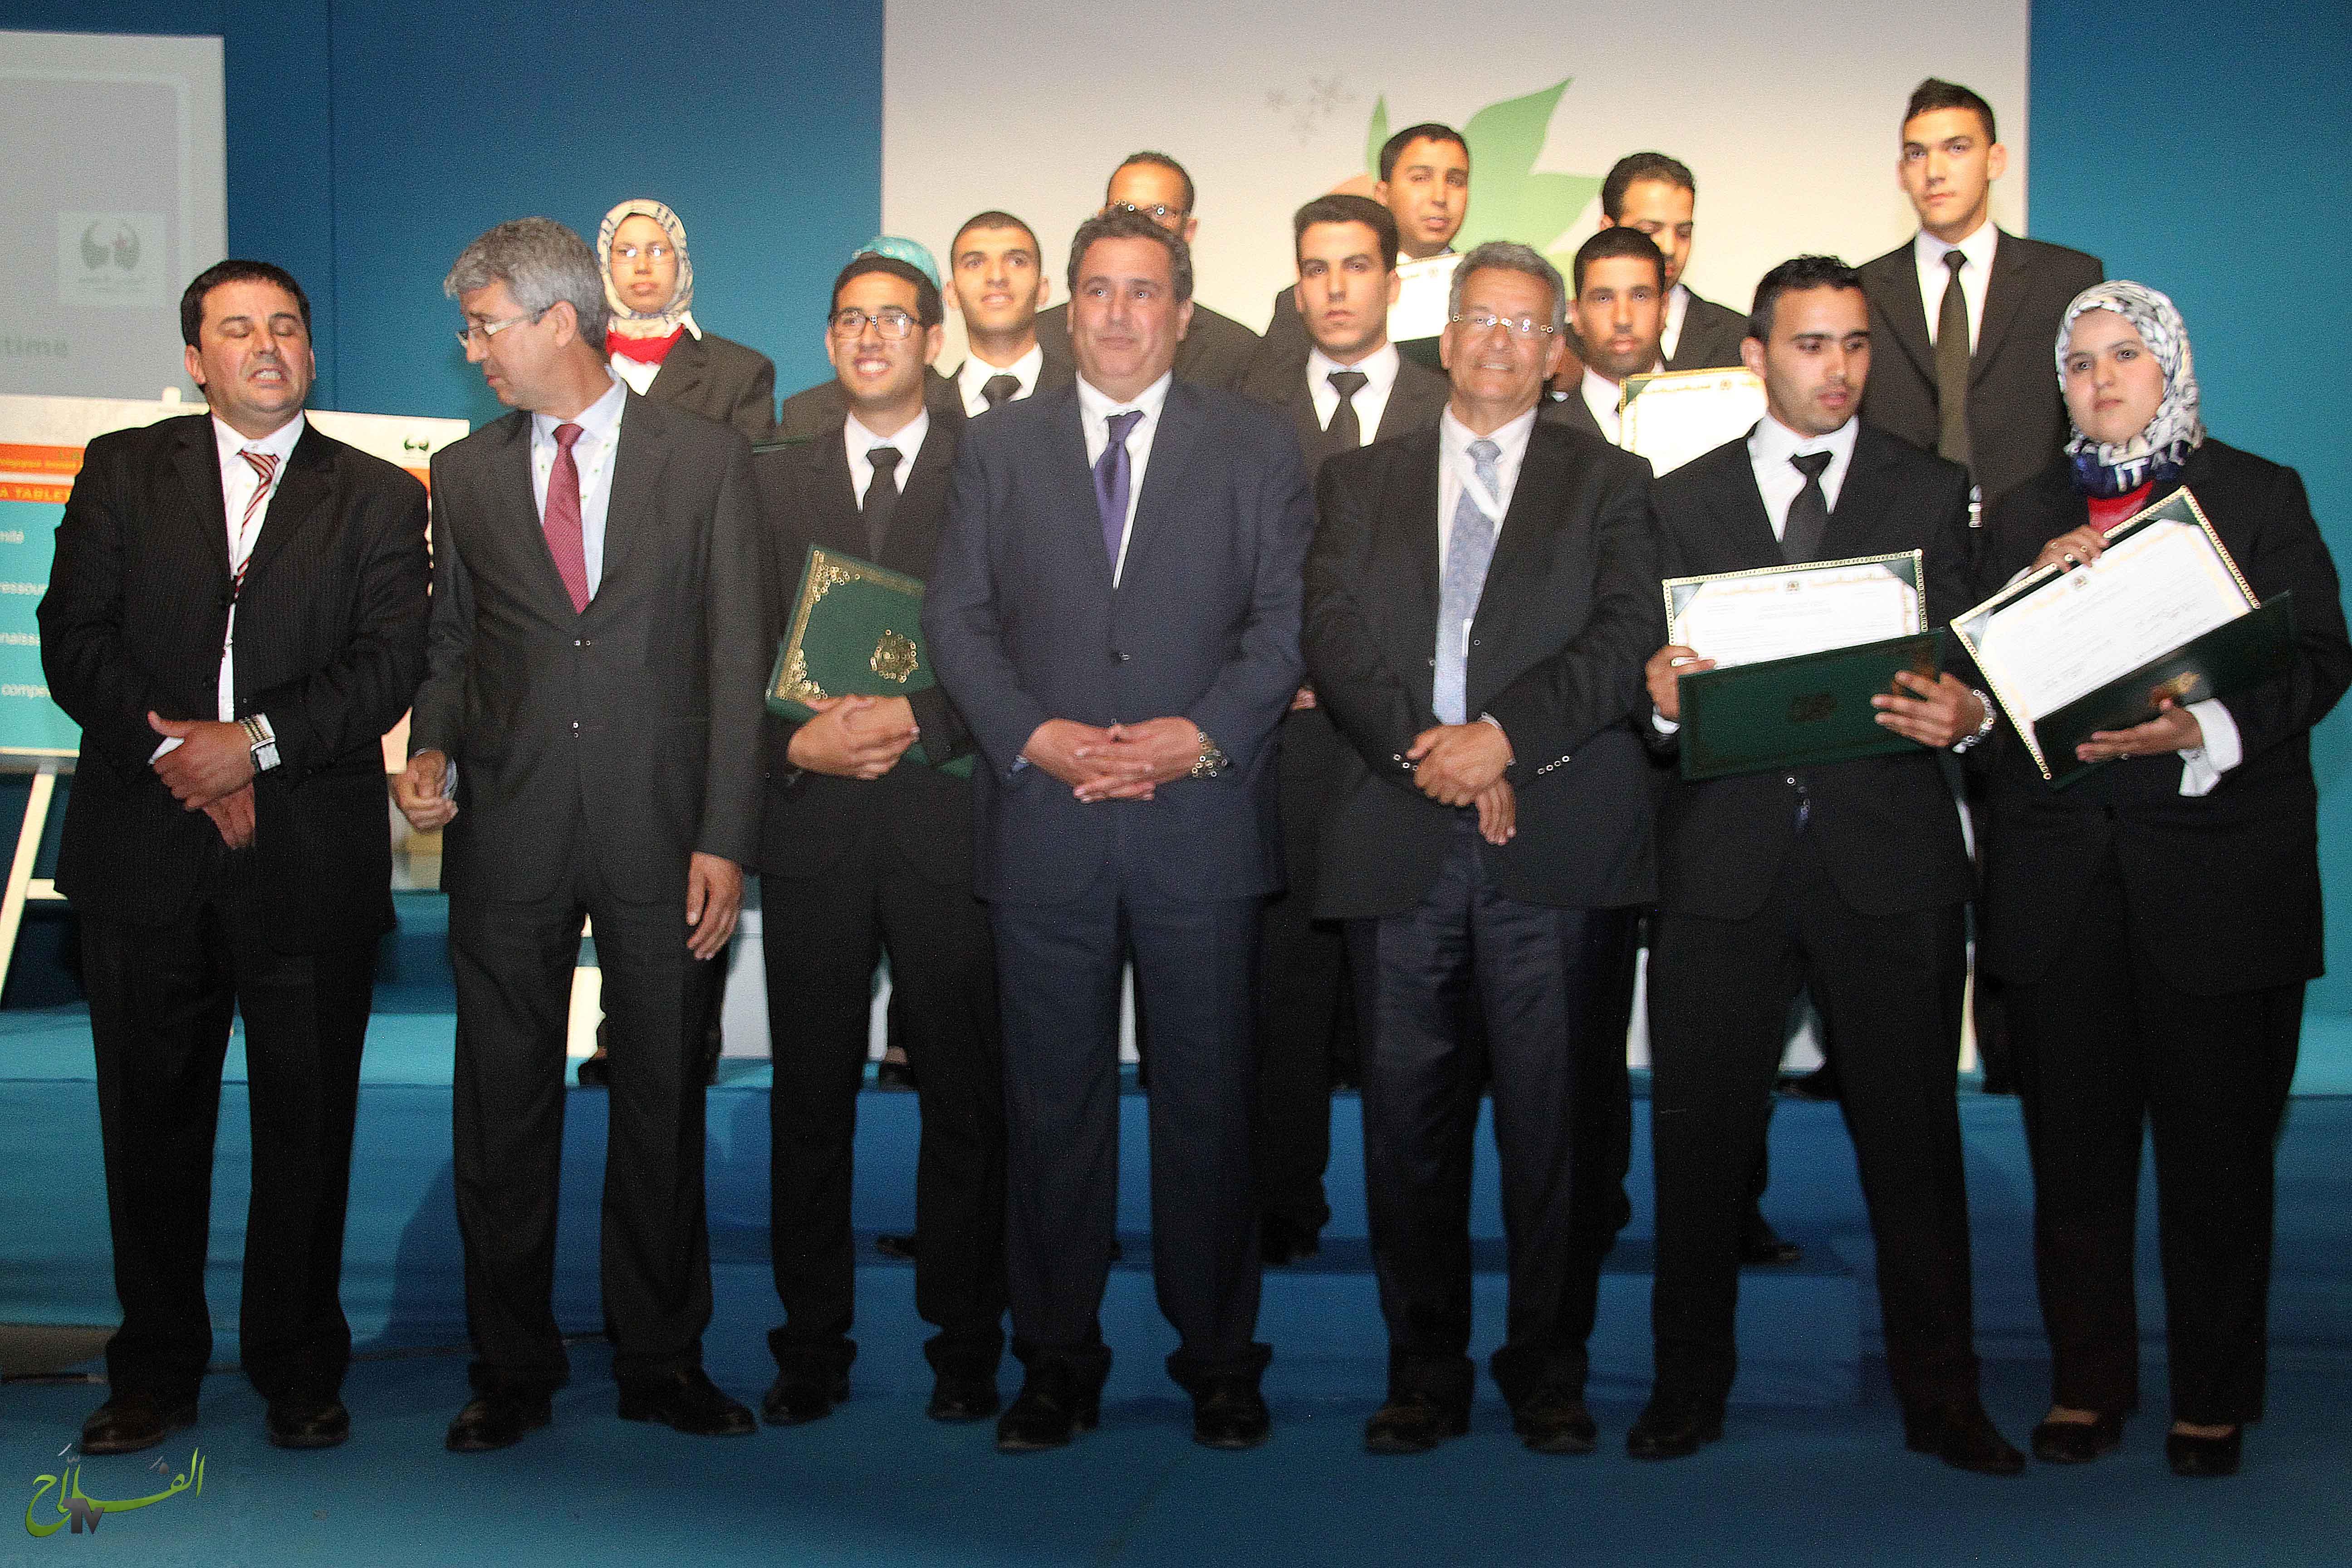 حفل توزيع شواهد التخرج على على الطلبة المتفوقين من طرف وزير الفلاحة عزيز أخنوش